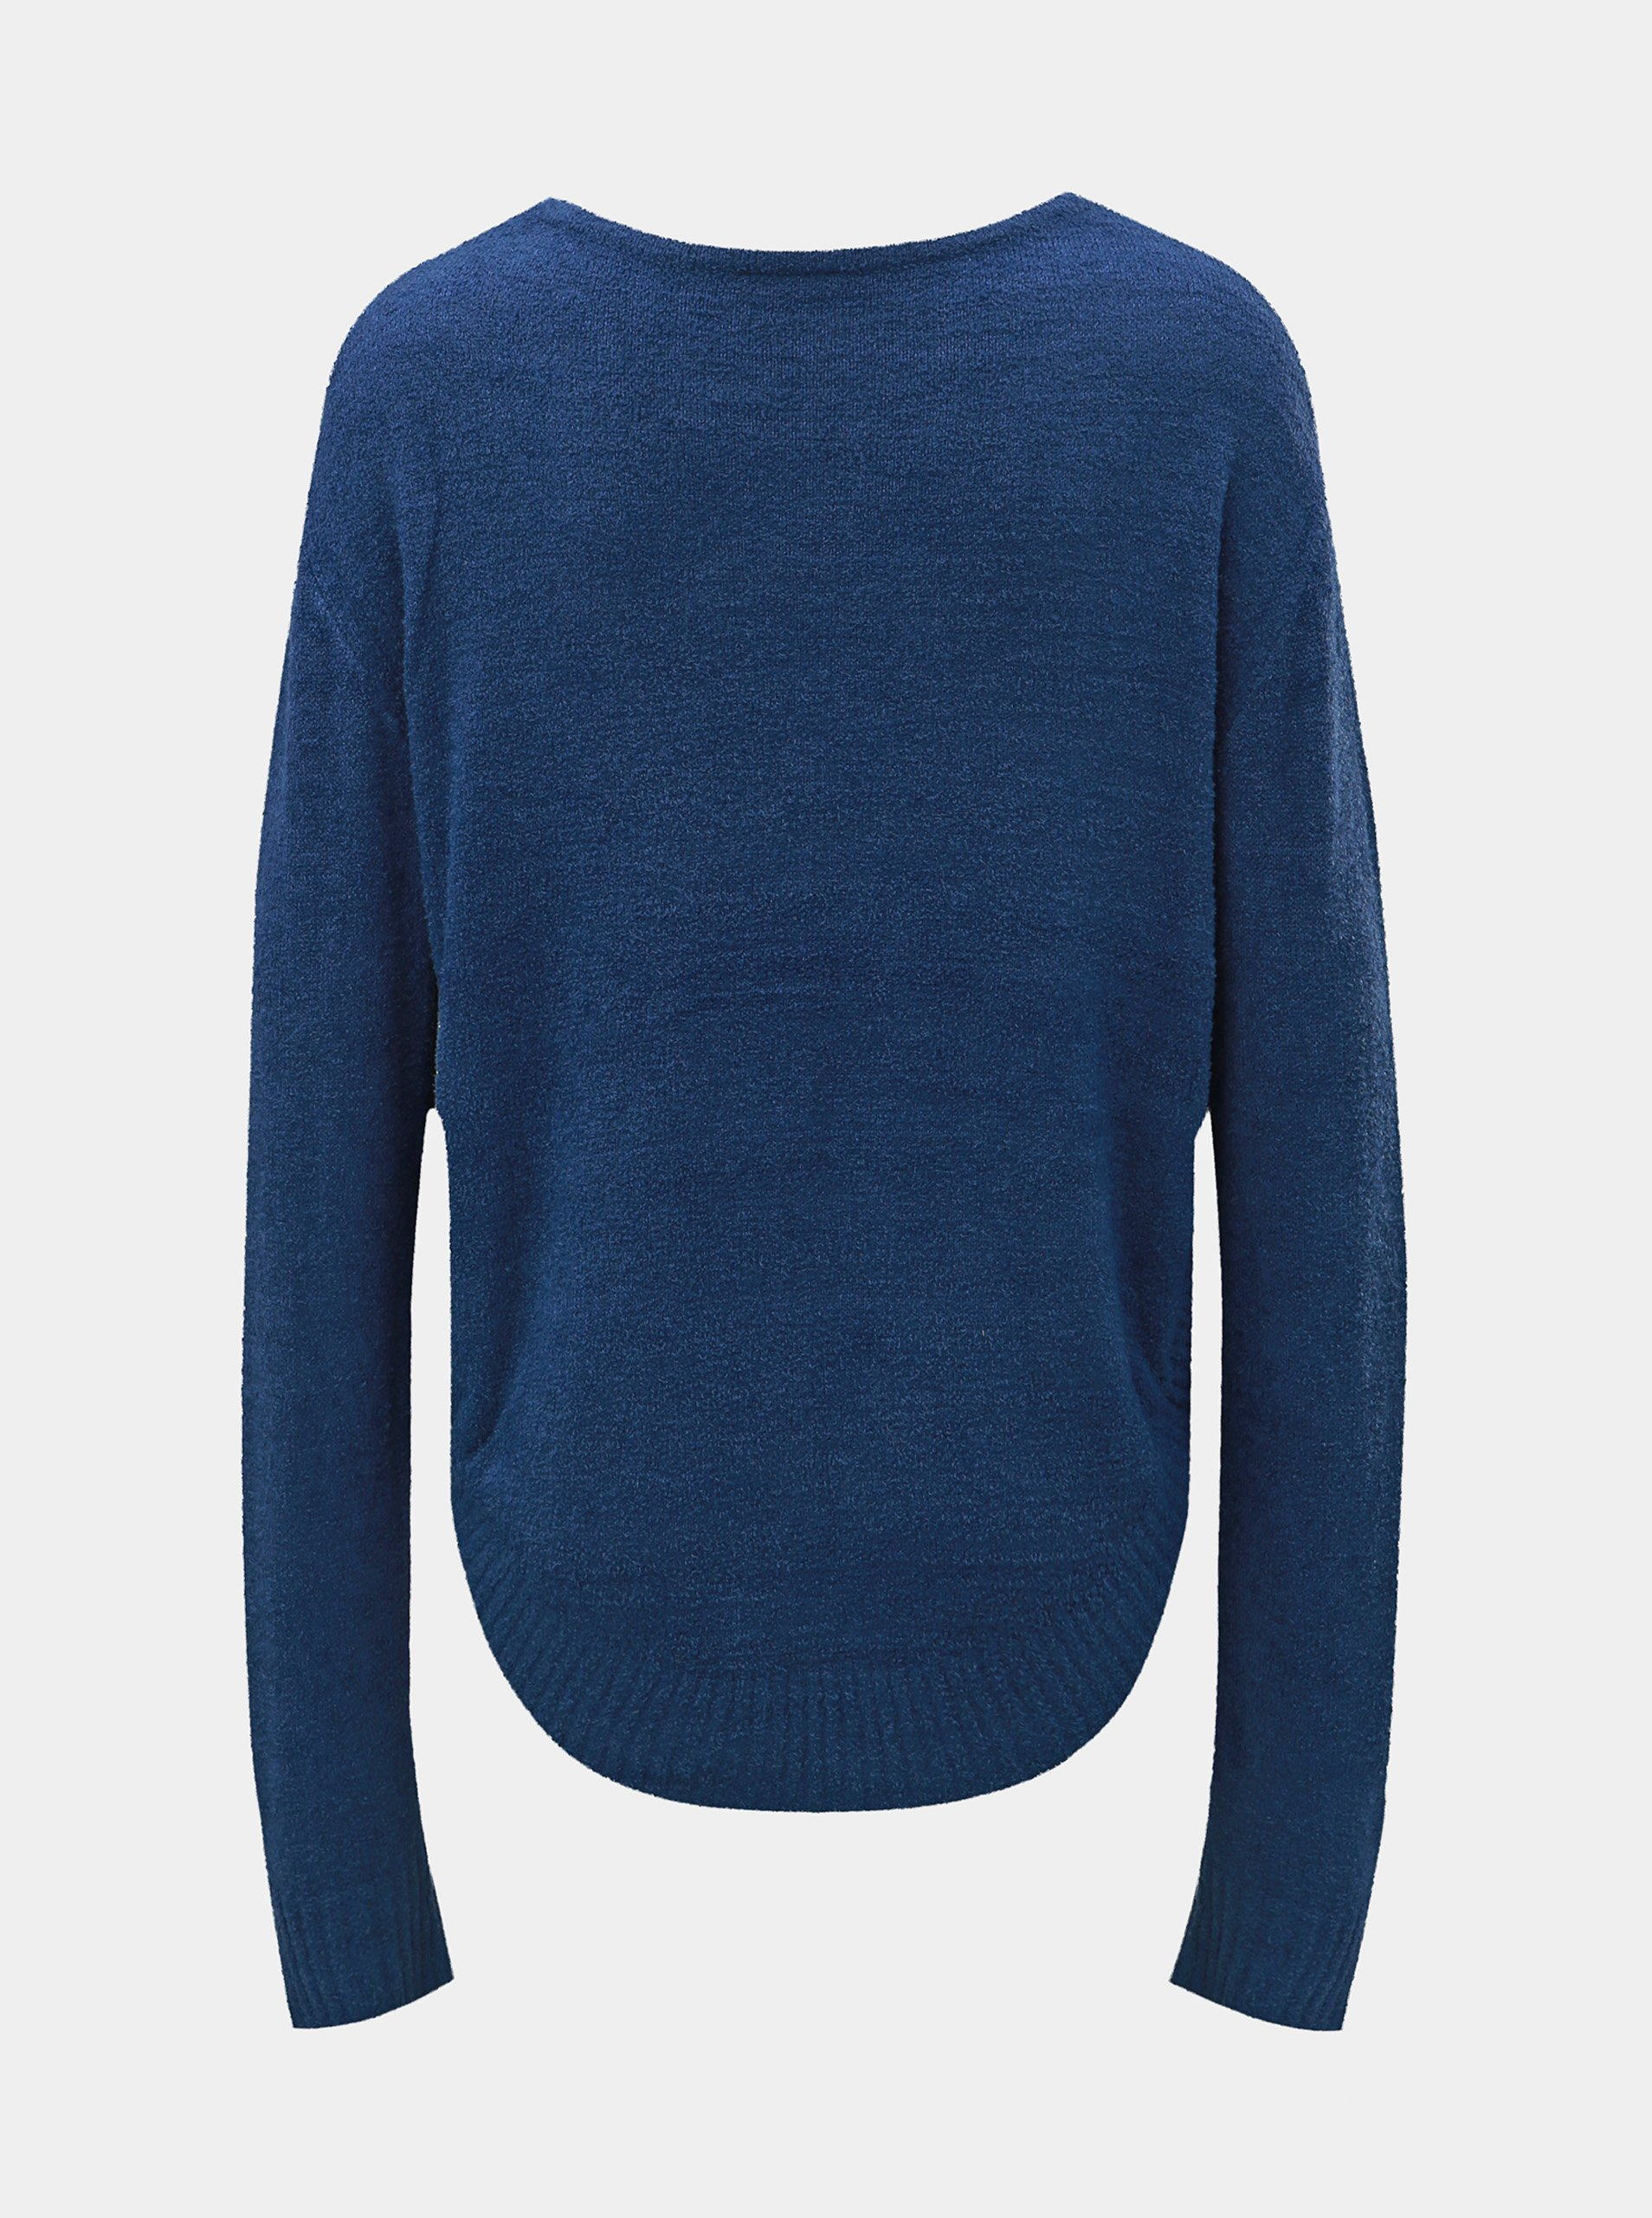 Modrý voľný sveter s okrúhlym výstrihom touch me.